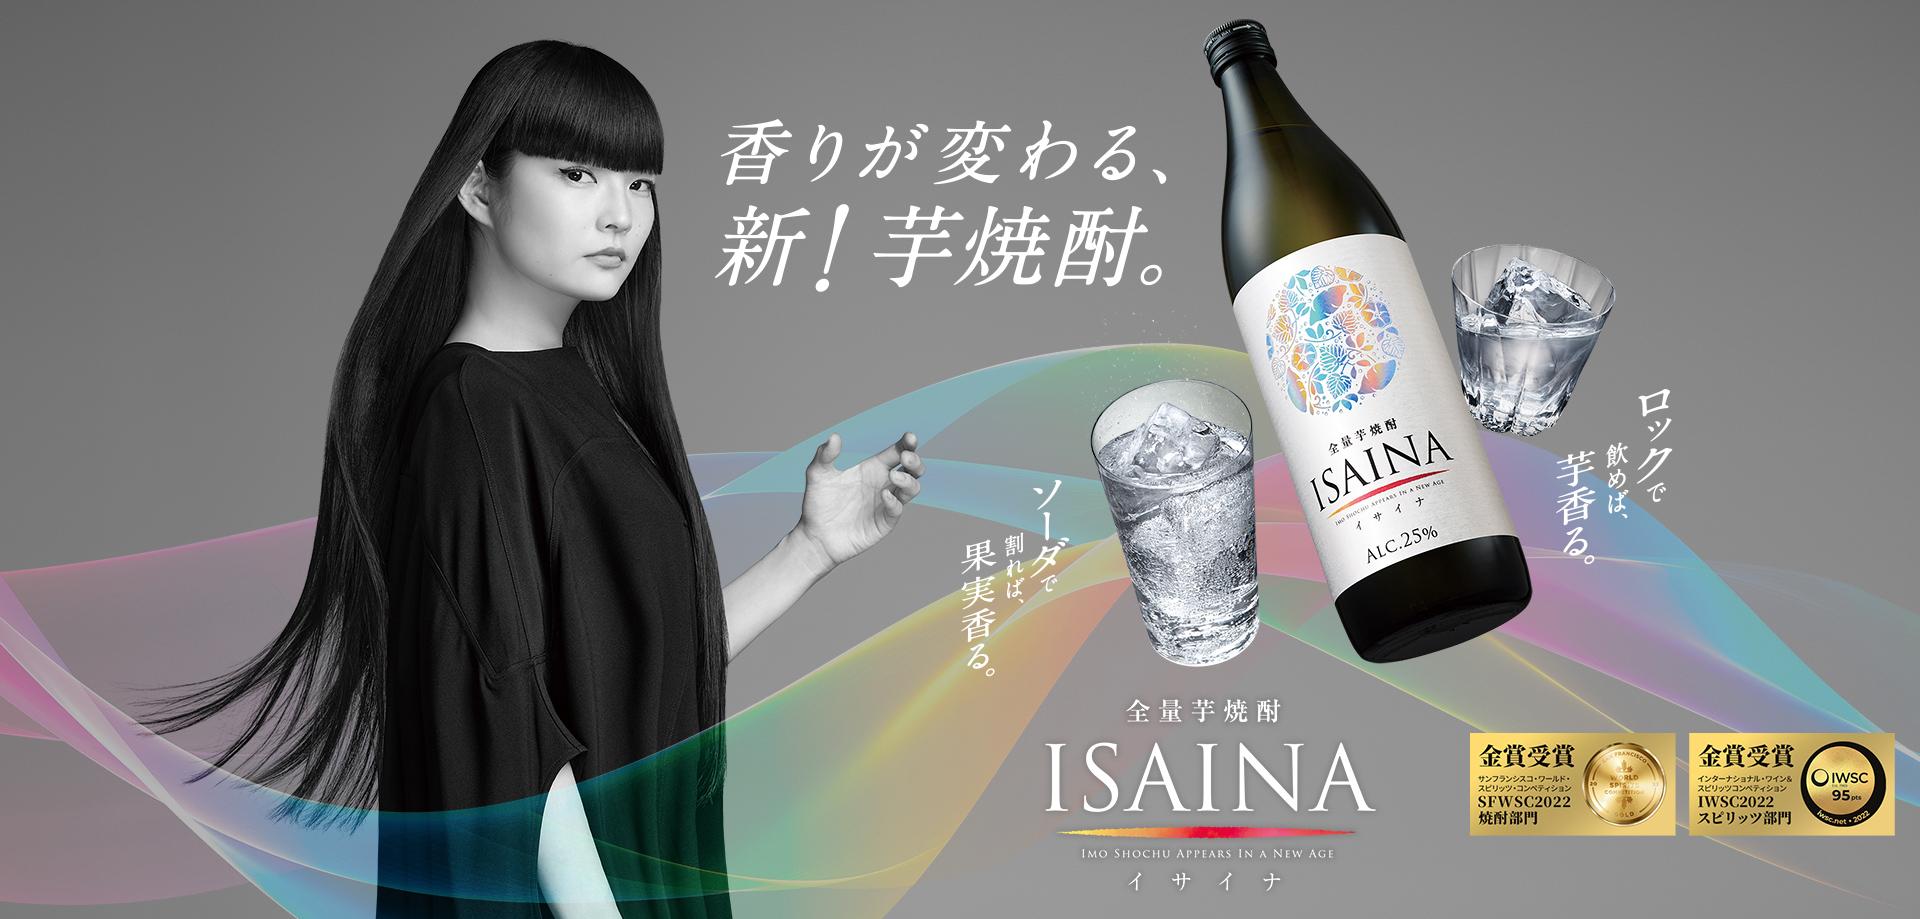 スパークリング清酒「澪」 ありがとう10周年 10thAnniversary<イチゴのような香り>新発売